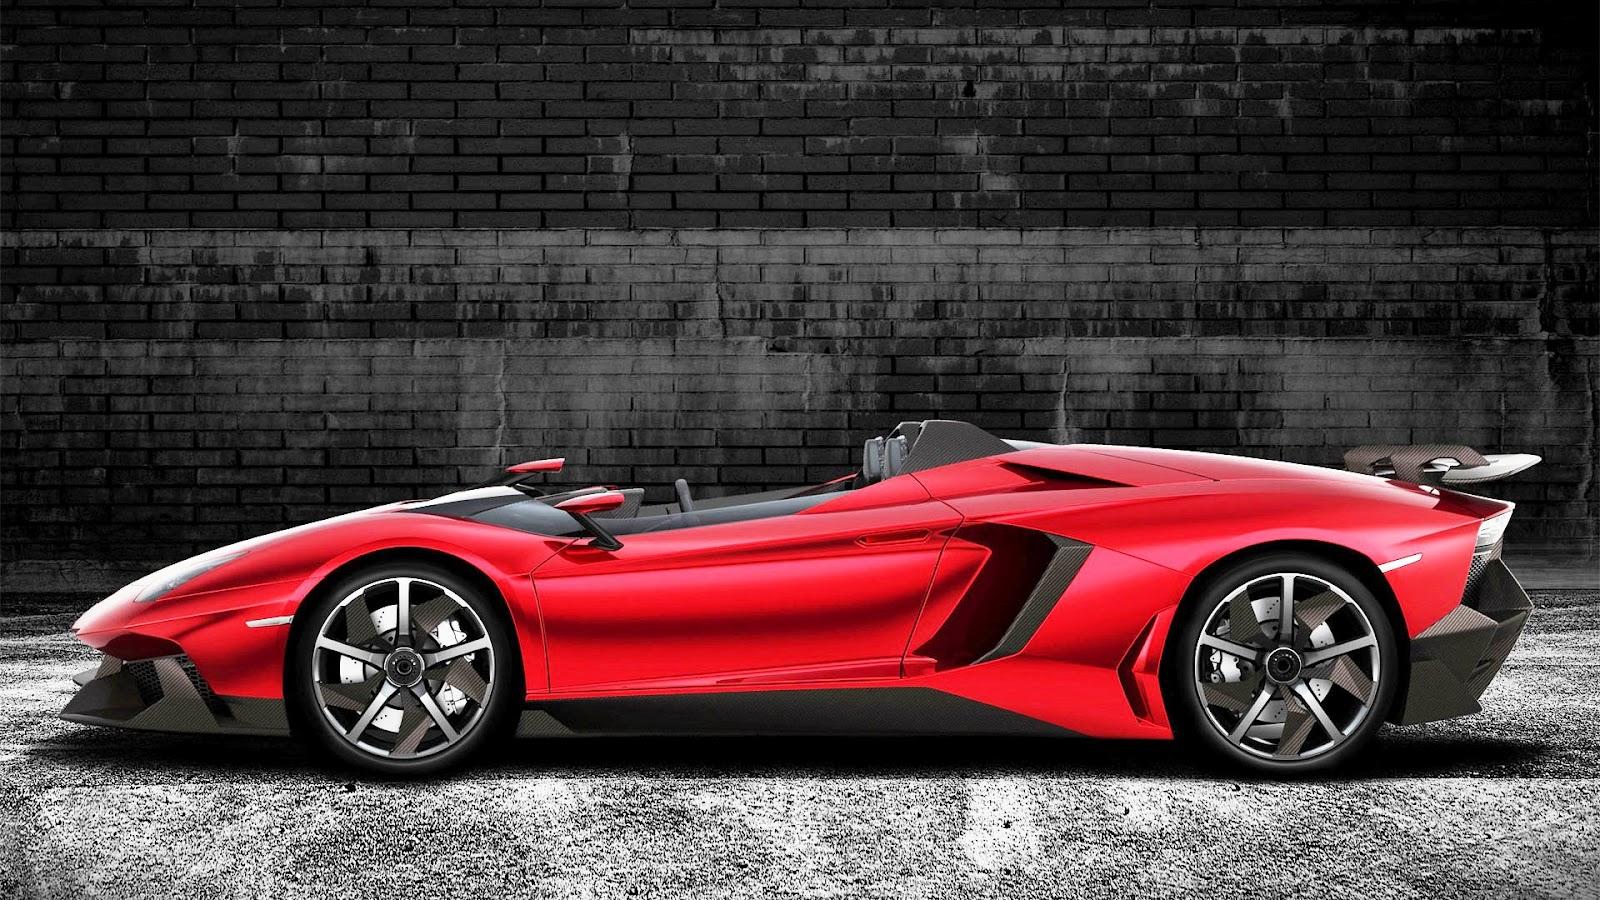 Full HD Exotic Car Wallpapers: 2012 Lamborghini Aventador ...